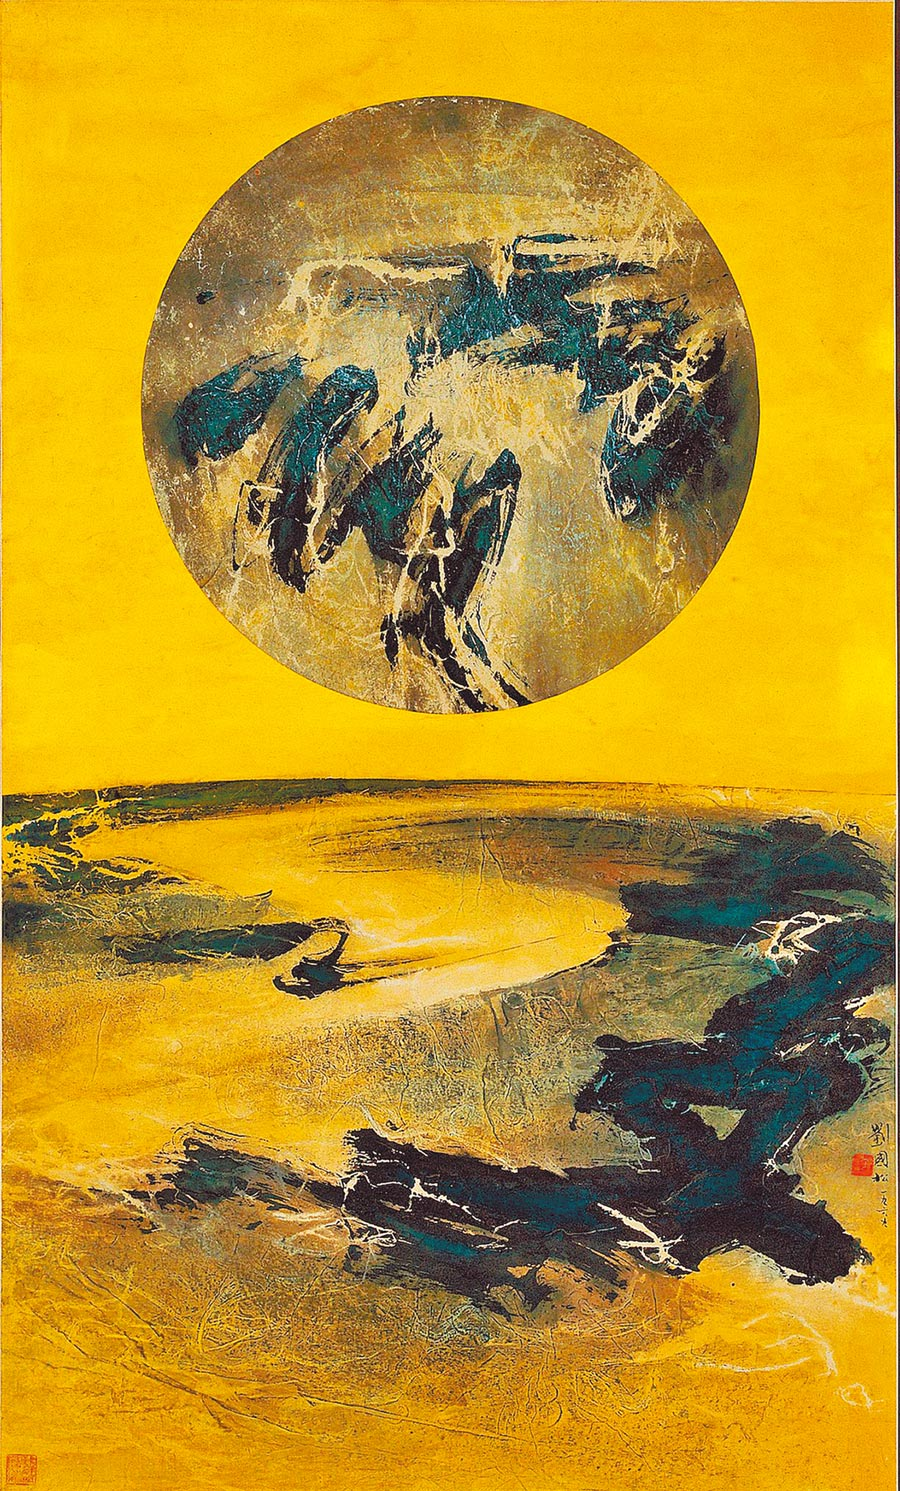 劉國松為少數關注人類登月事件的前輩藝術家。(高美館提供/本報資料照片)